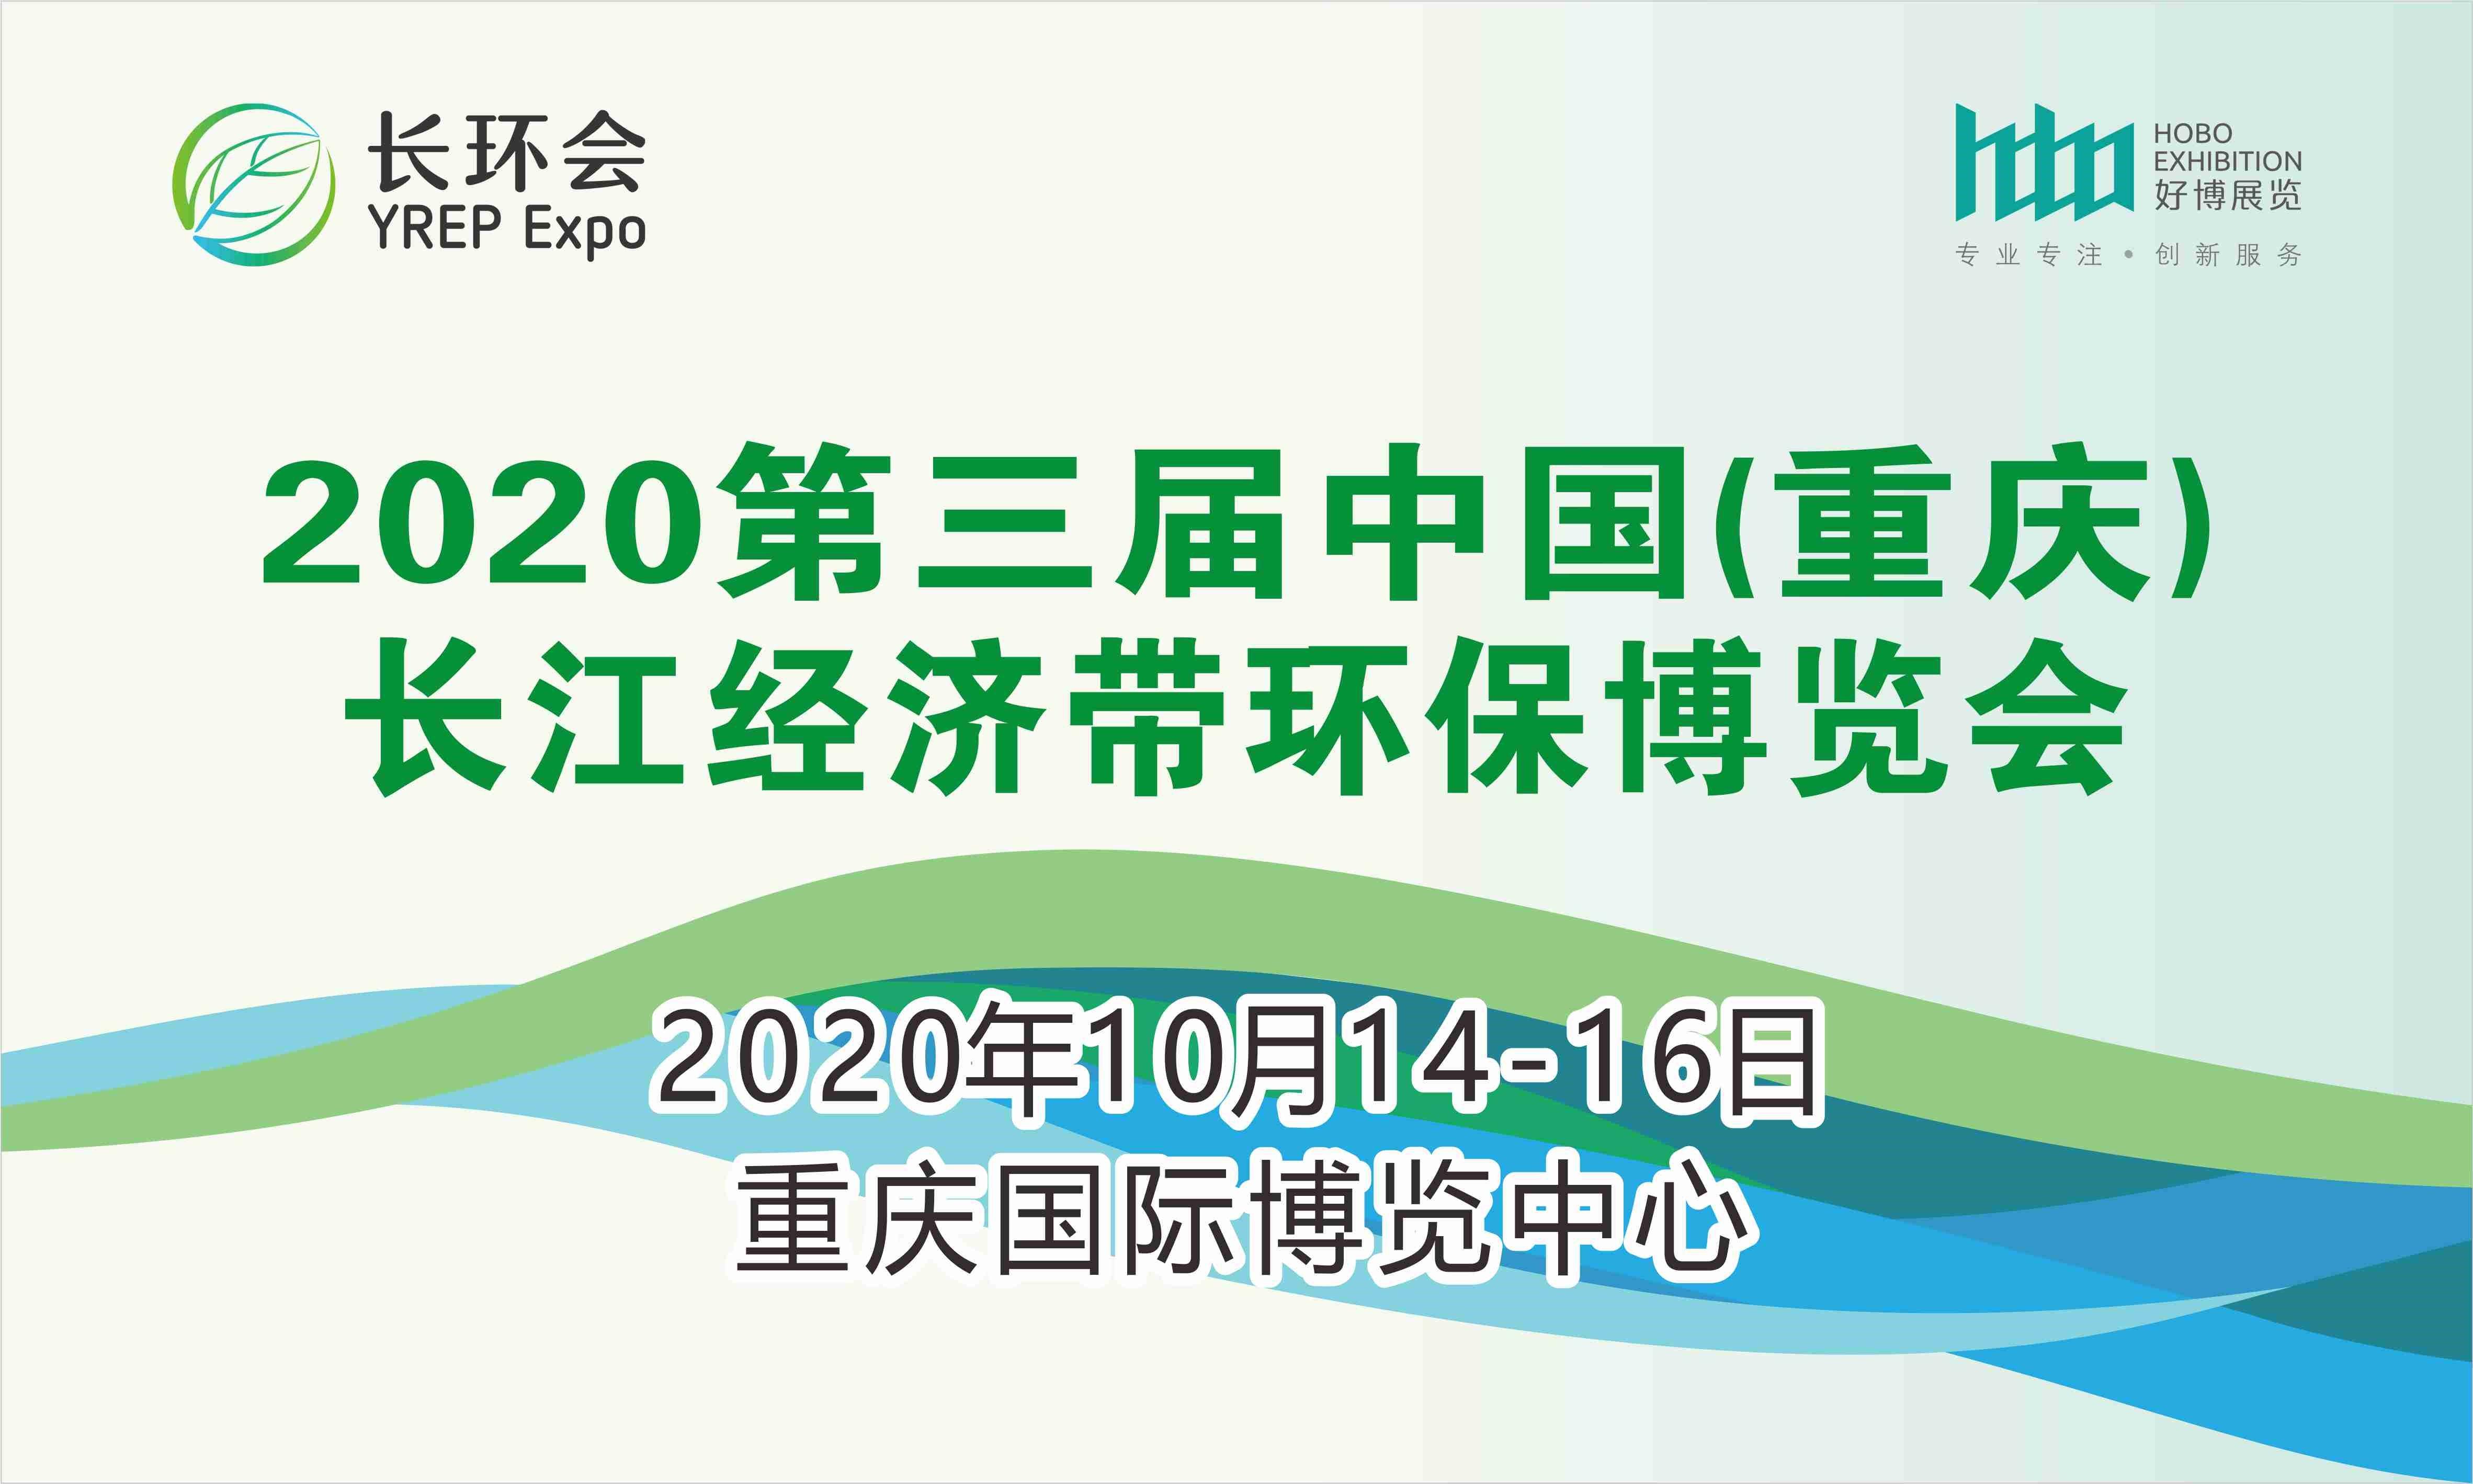 2020第三届中国(重庆)长江经济带环保博览会 YREP Expo China2020